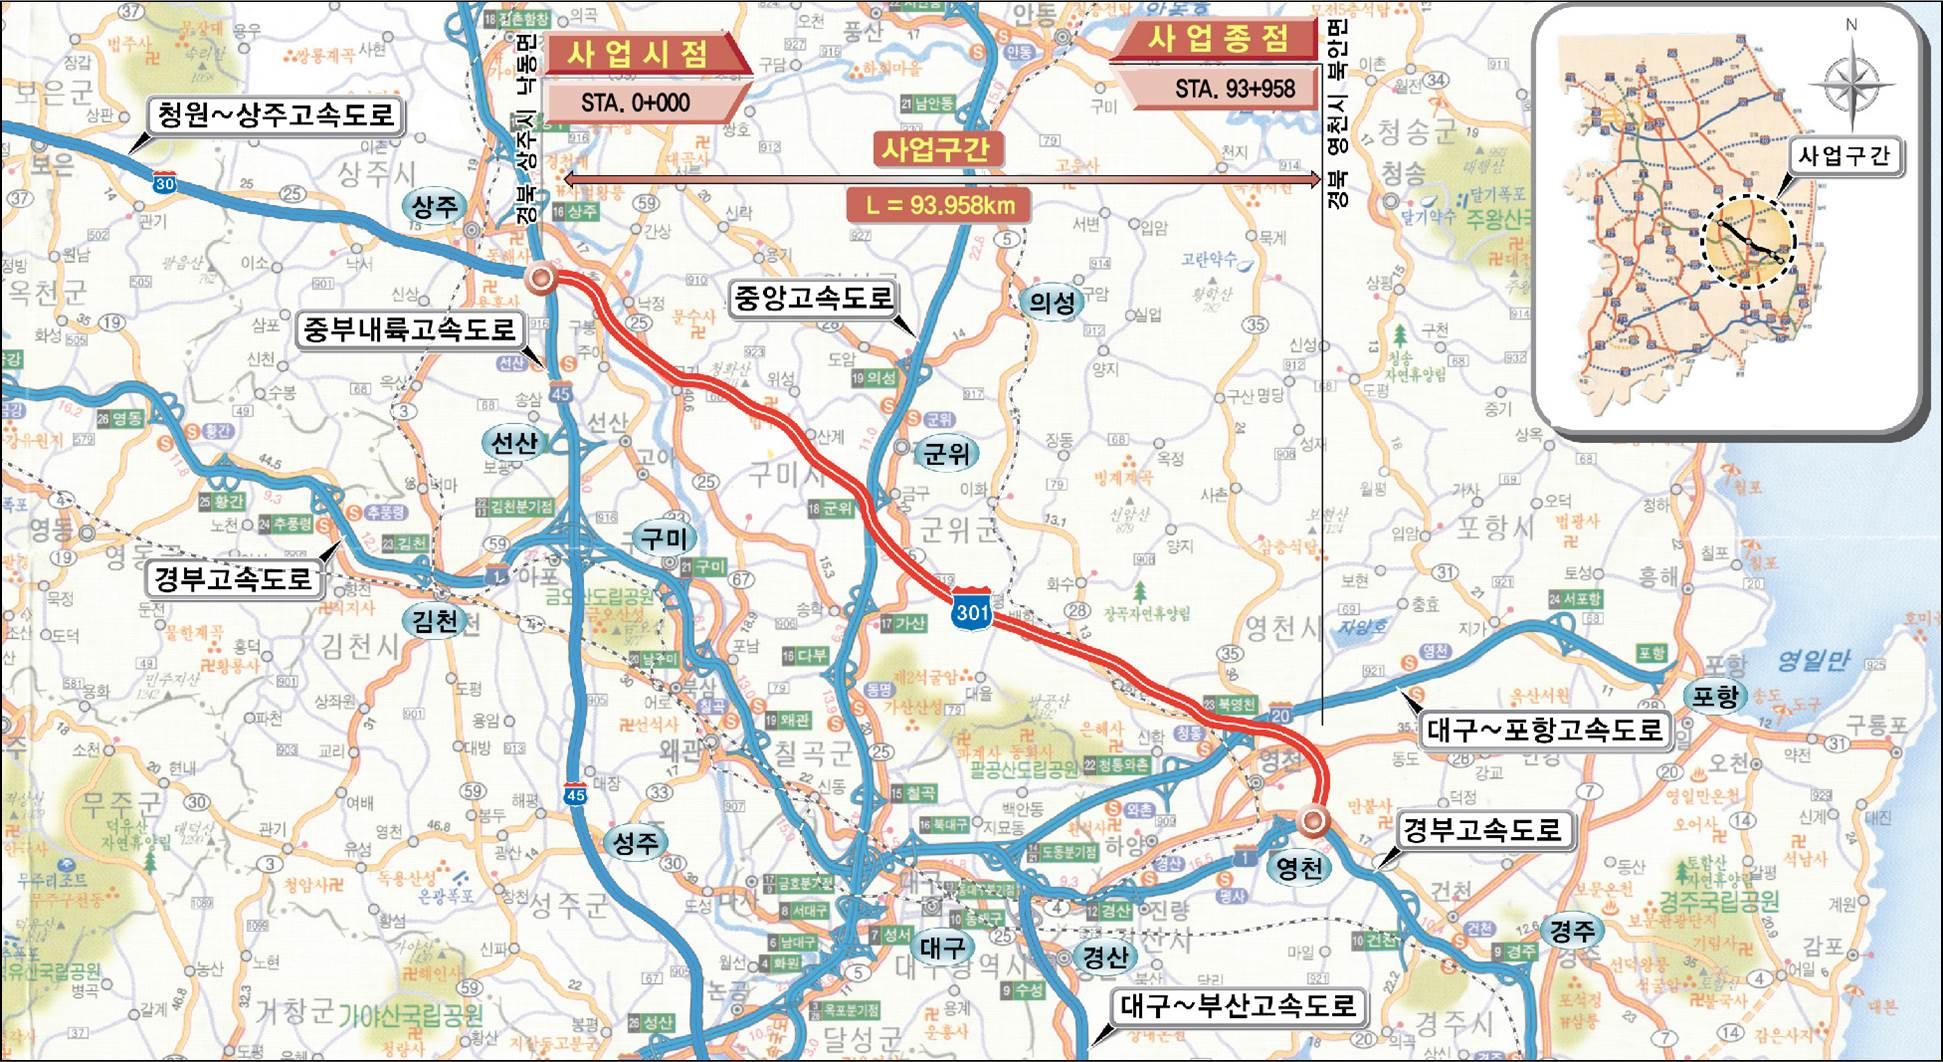 [기획] 국토 동남부 5개 고속도로 허브 '상주영천고속도로'